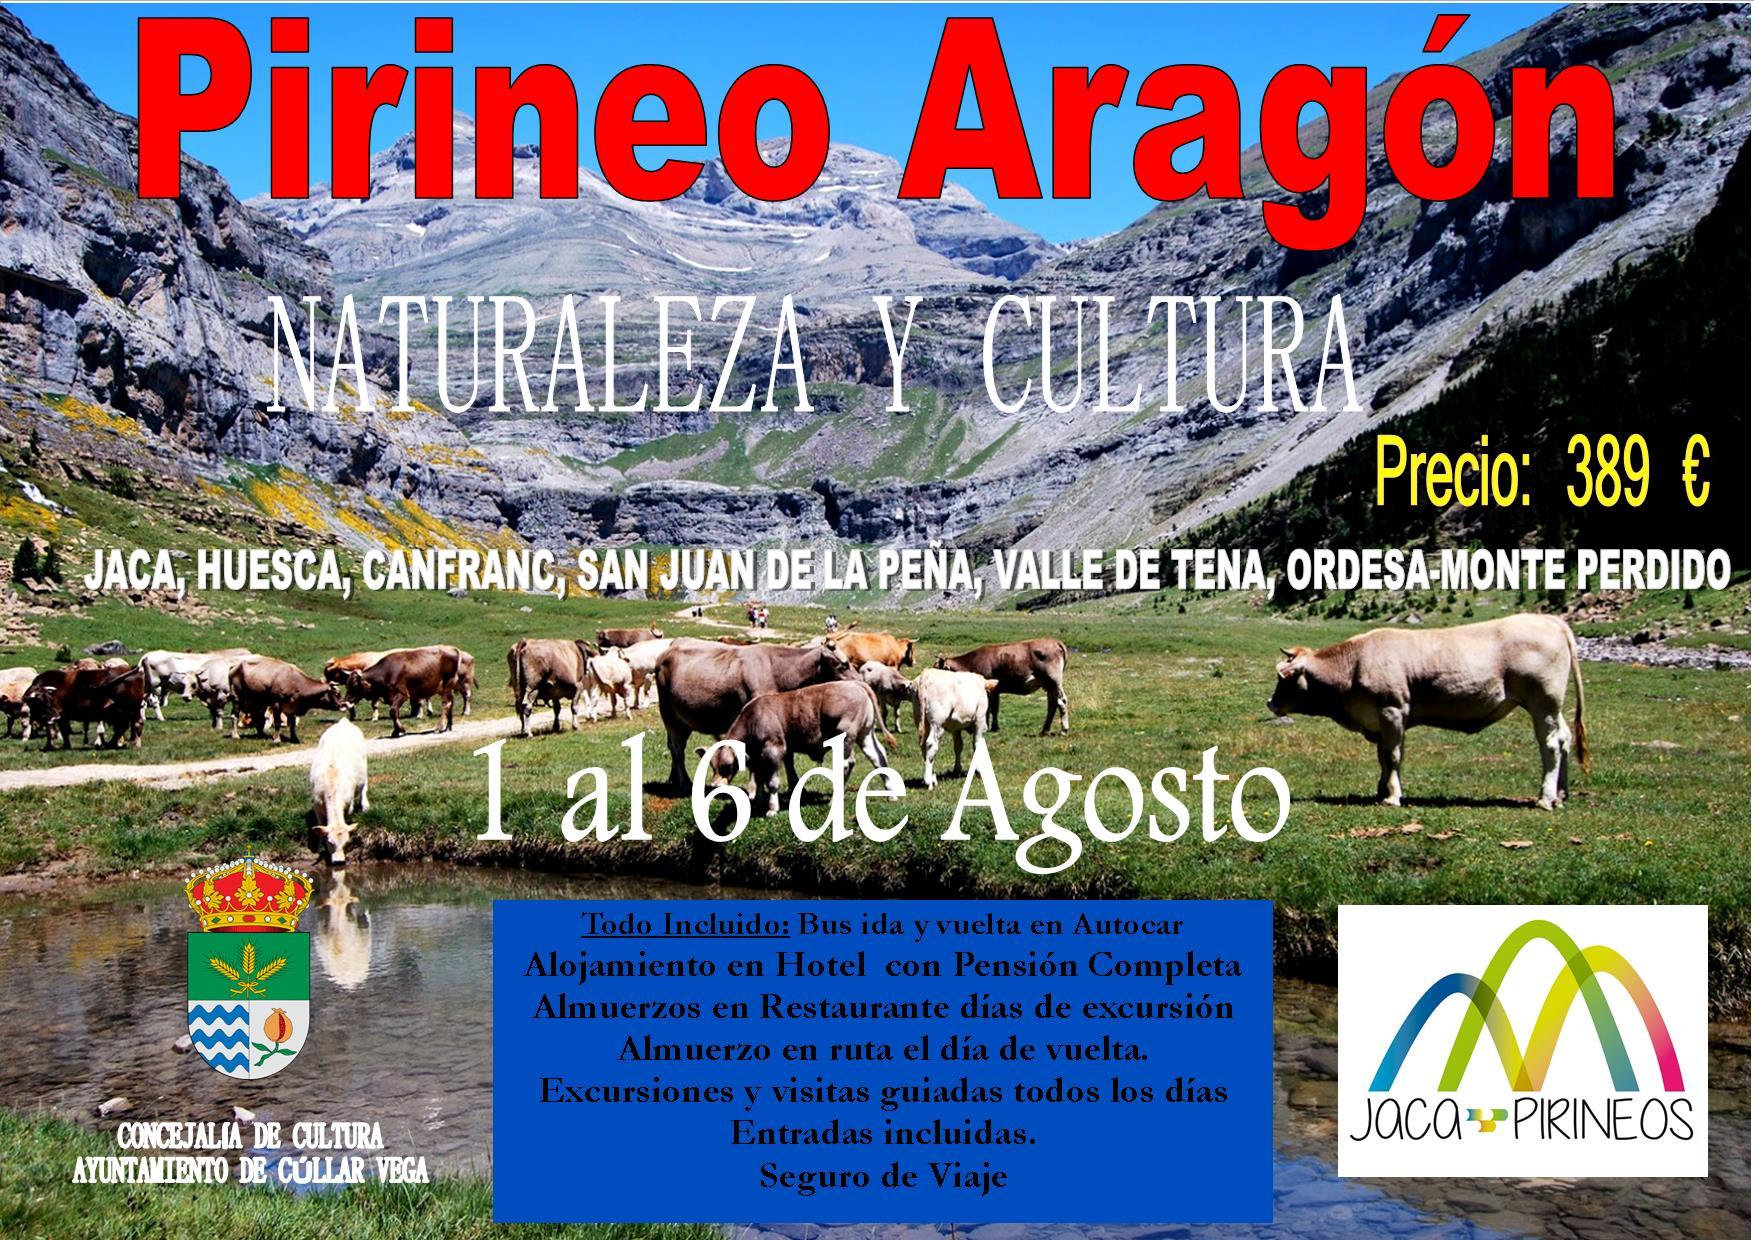 Viaje al Pirineo Aragonés